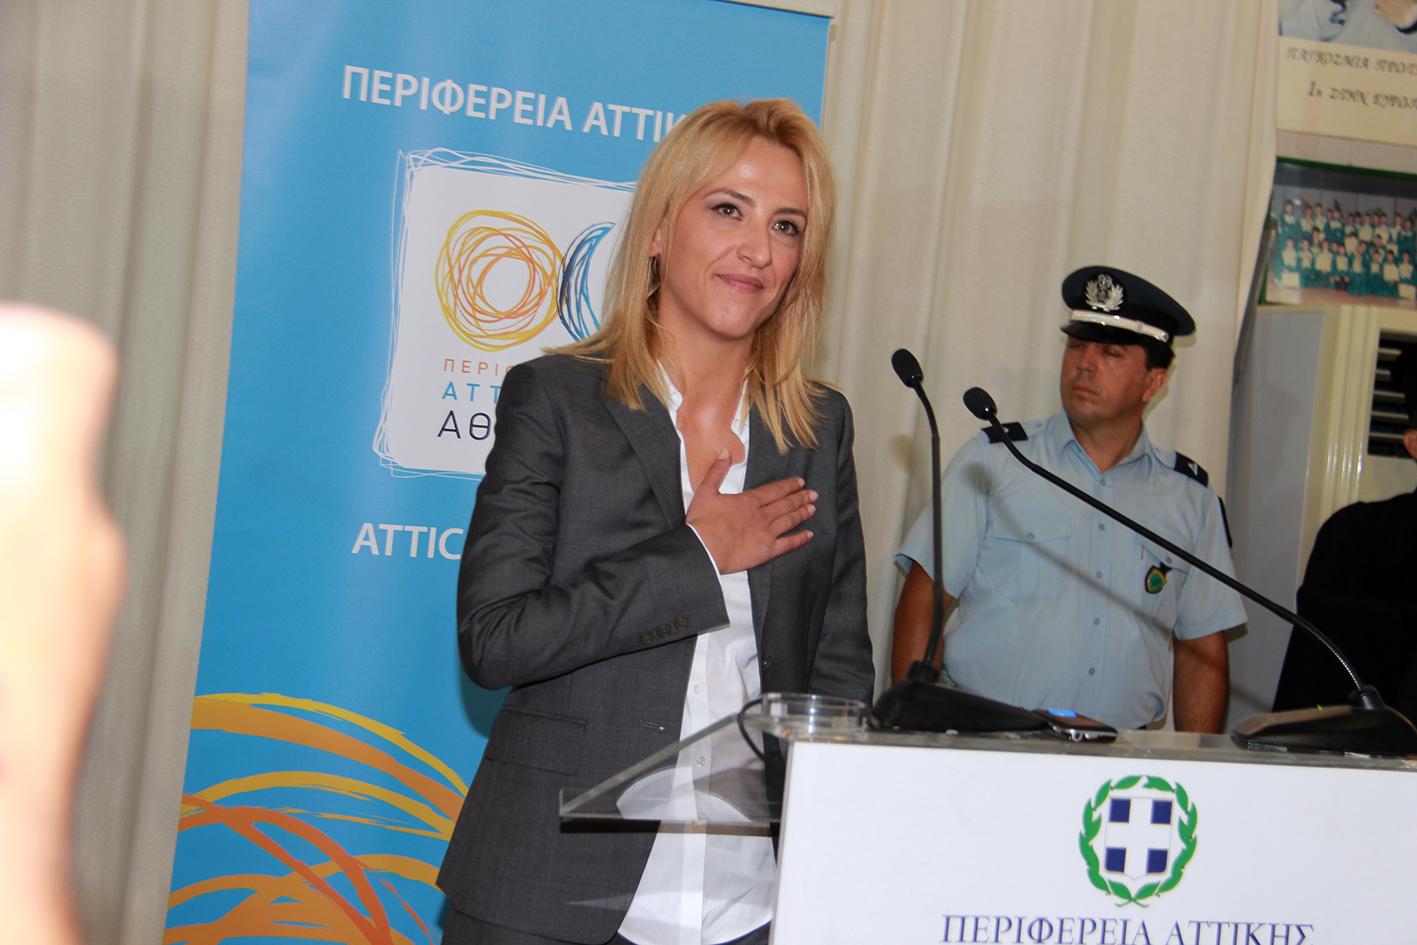 Ρένα Δούρου: Δηλώνω στην τιμή και τη συνείδησή μου...